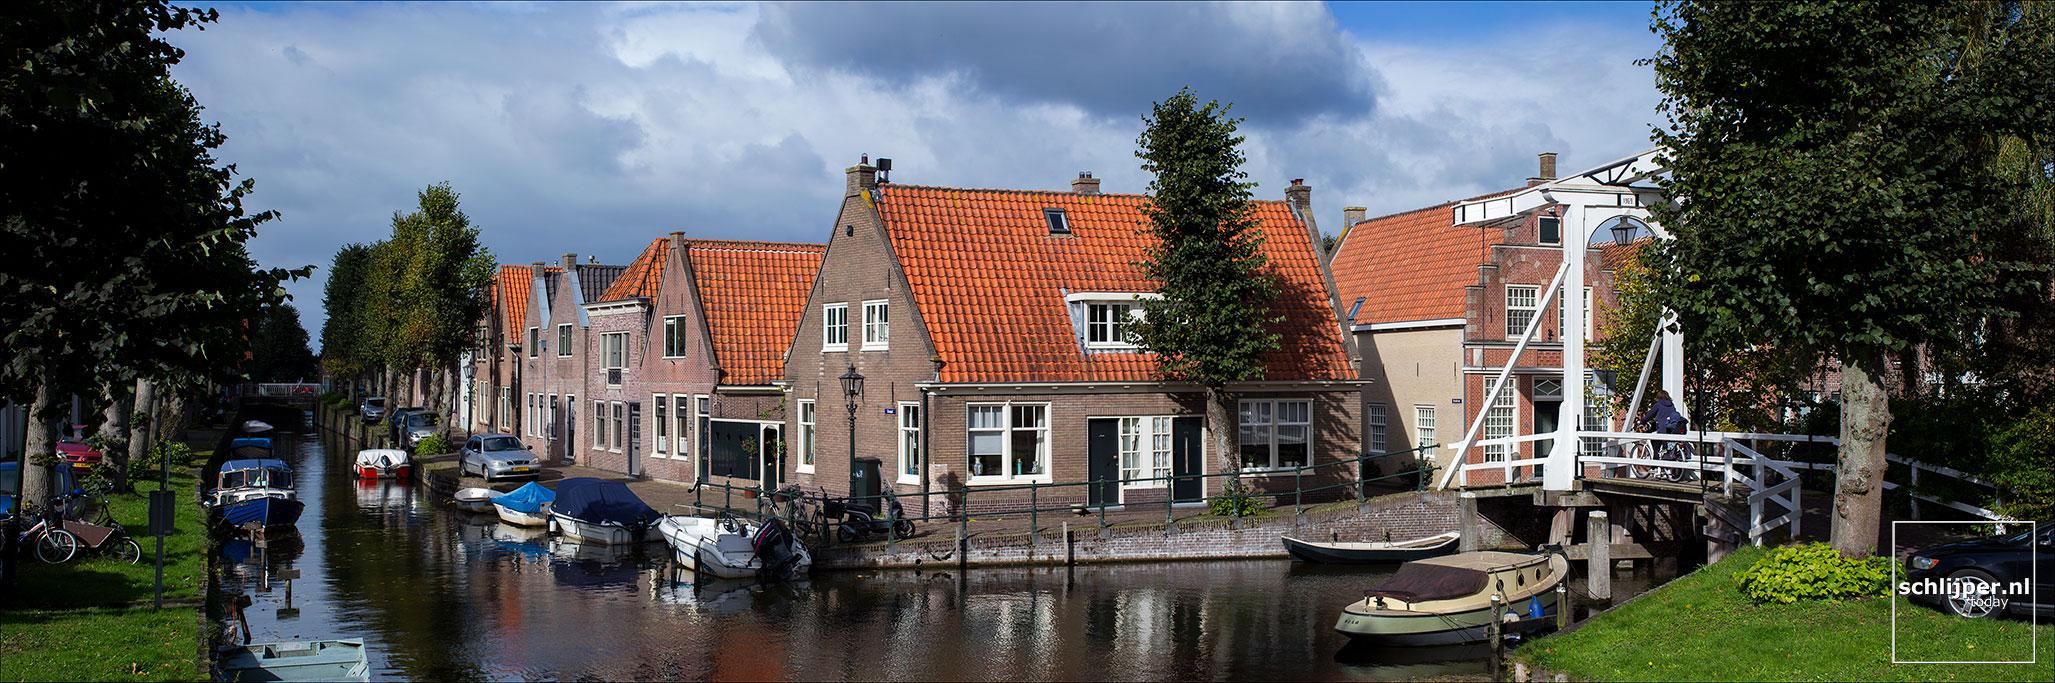 Nederland, Monnickendam, 5 oktober 2017